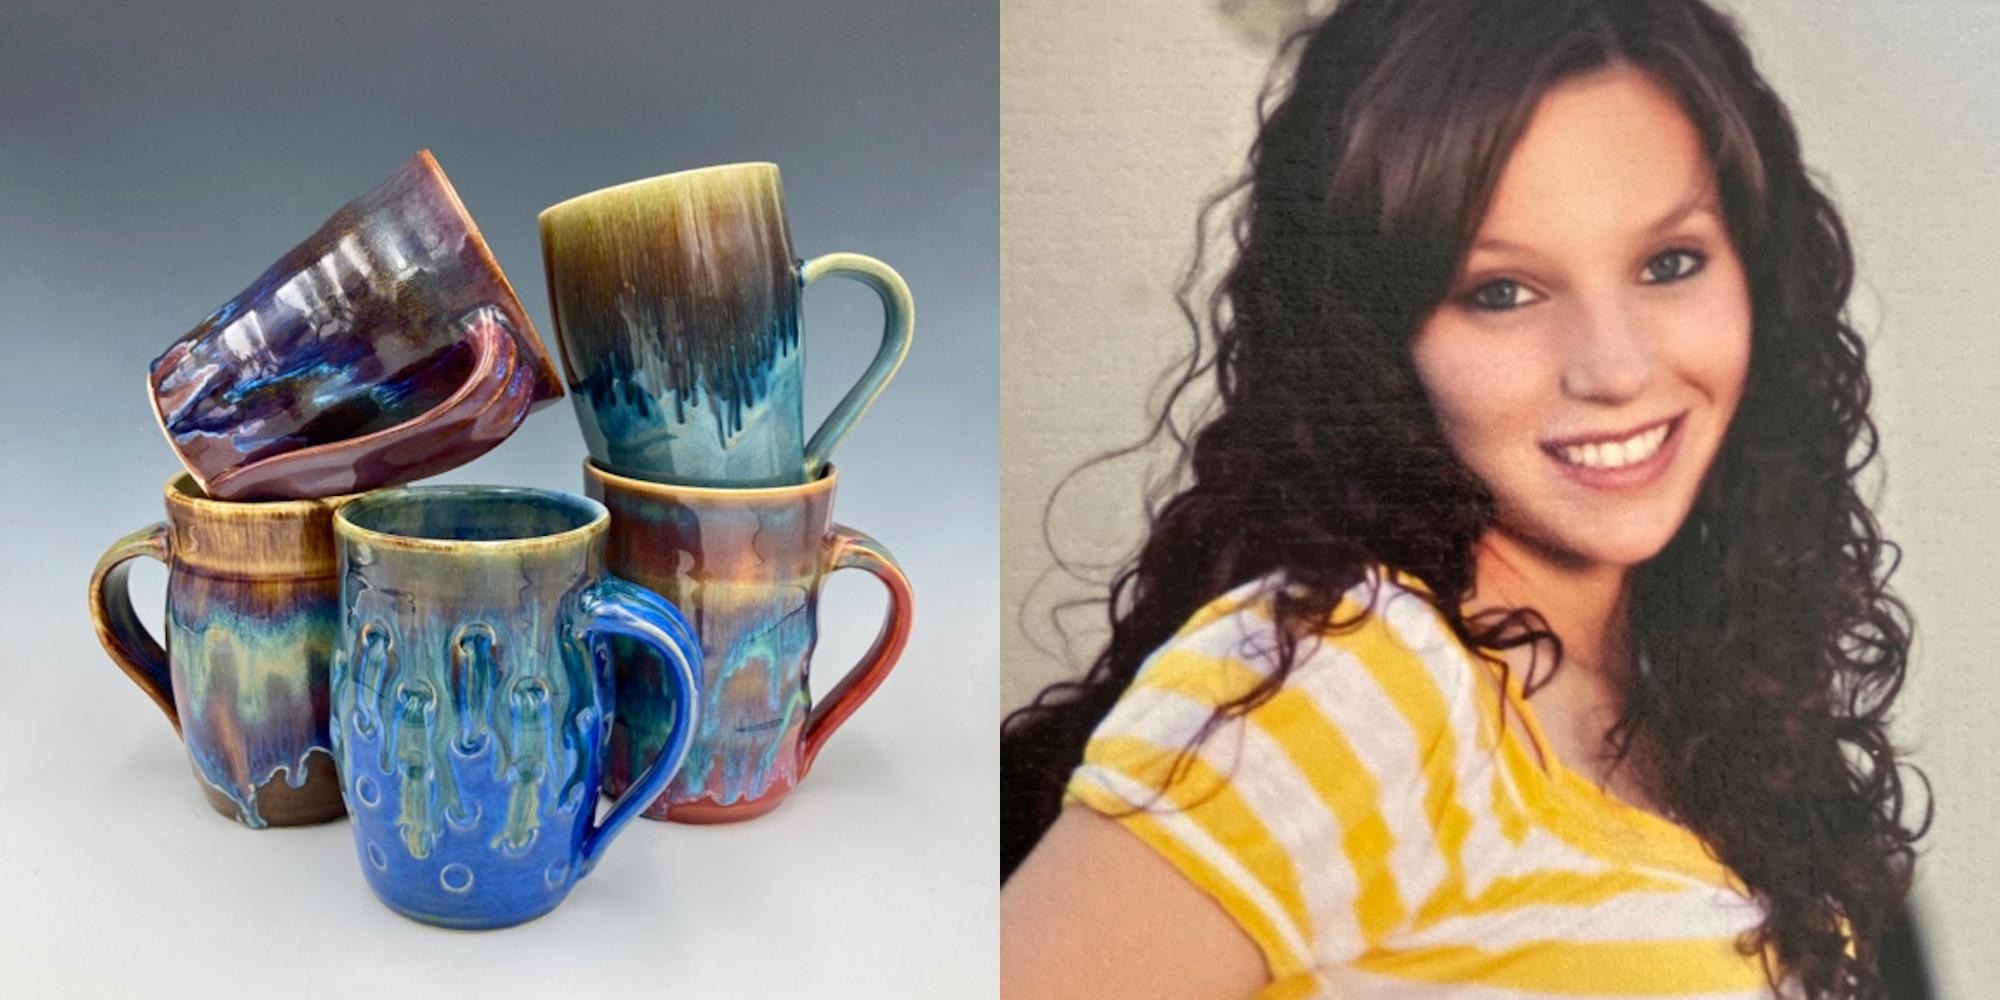 handmade ceramics by meagan lupolt